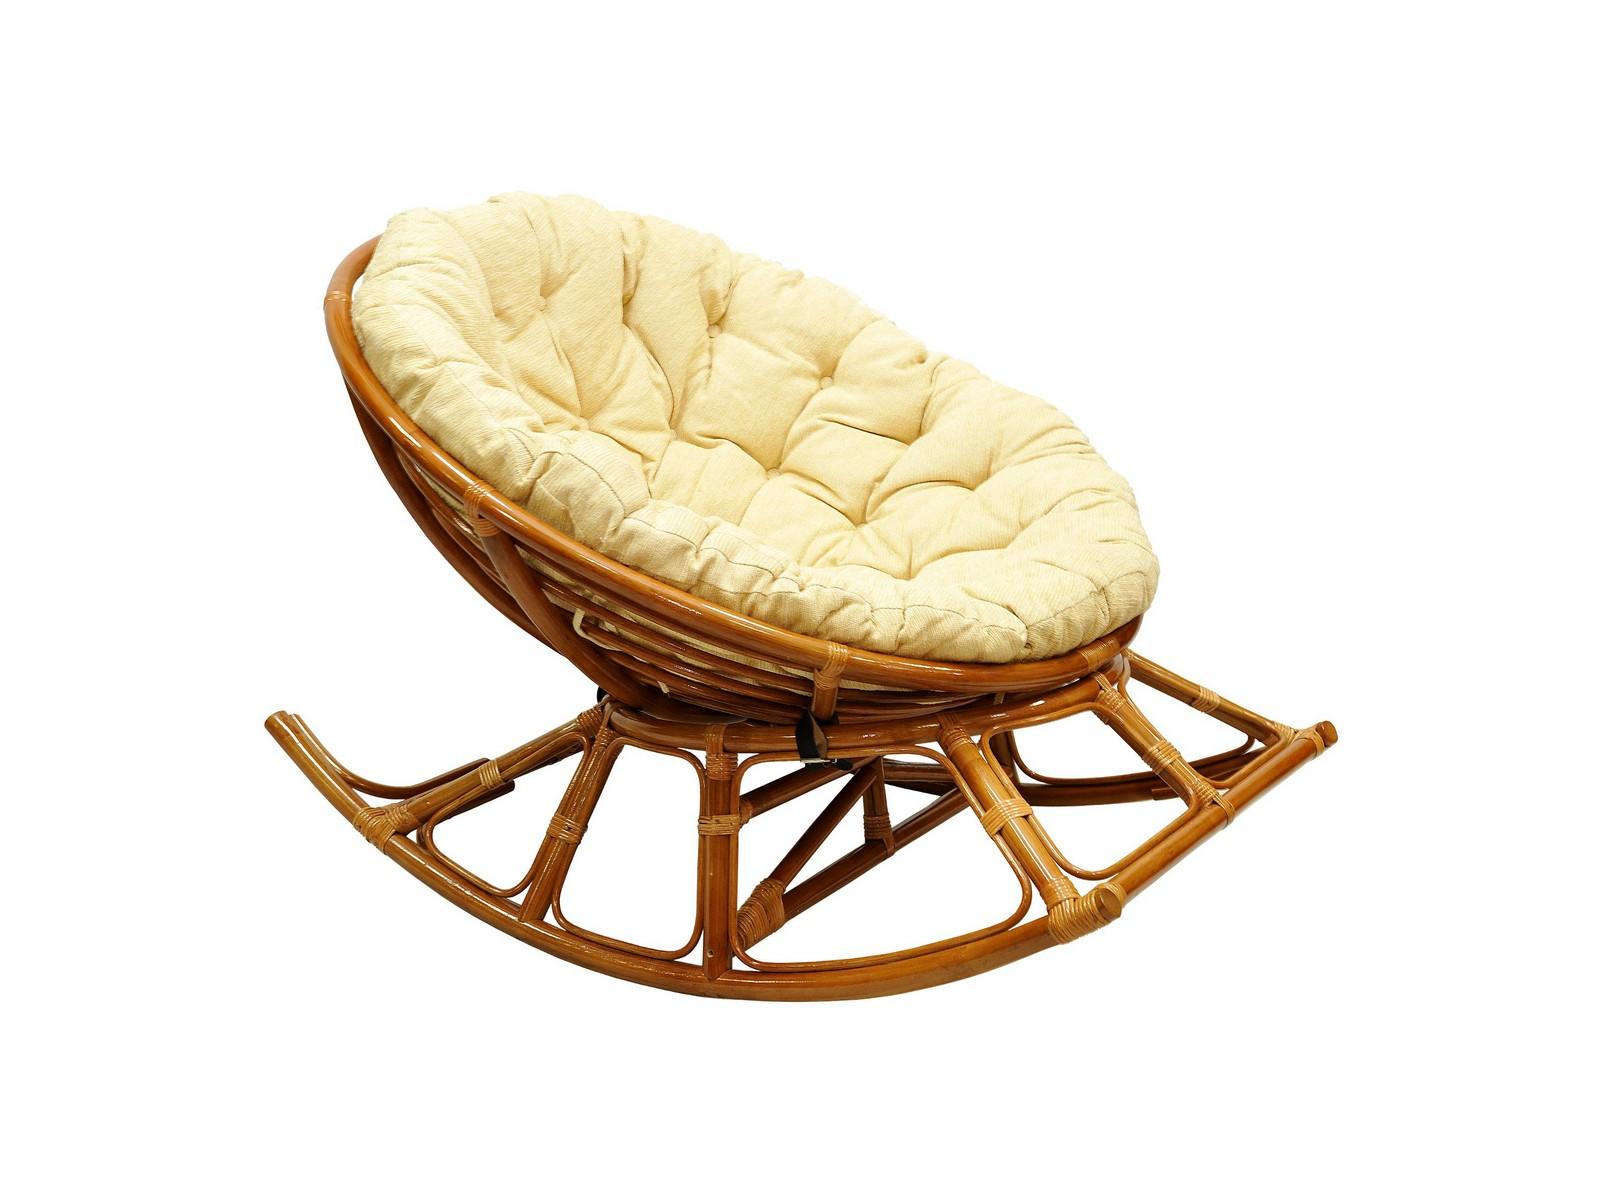 Кресло-качалка PAPASANКресла для сада<br>В этом предмете соединены любимое всеми кресло &amp;quot;Папасан&amp;quot; и классическое кресло-качалка на полозьях.&amp;amp;nbsp;Кресло состоит из 3 частей и может поставляться в собранном или разобранном виде по вашему желанию. Сборка кресла не требует специальных навыков. Верхняя чаша крепится к основанию четырьмя кожаными ремешками. Подушка привязывается к чаше на ремешки.&amp;lt;div&amp;gt;&amp;lt;br&amp;gt;&amp;lt;/div&amp;gt;&amp;lt;div&amp;gt;Материал каркаса: натуральный ротанг&amp;lt;/div&amp;gt;&amp;lt;div&amp;gt;Материал подушки: шенилл&amp;lt;/div&amp;gt;&amp;lt;div&amp;gt;Вес, кг:  18&amp;lt;/div&amp;gt;&amp;lt;div&amp;gt;Выдерживаемая нагрузка, кг:  100&amp;lt;/div&amp;gt;<br><br>Material: Ротанг<br>Ширина см: 115<br>Высота см: 86<br>Глубина см: 149